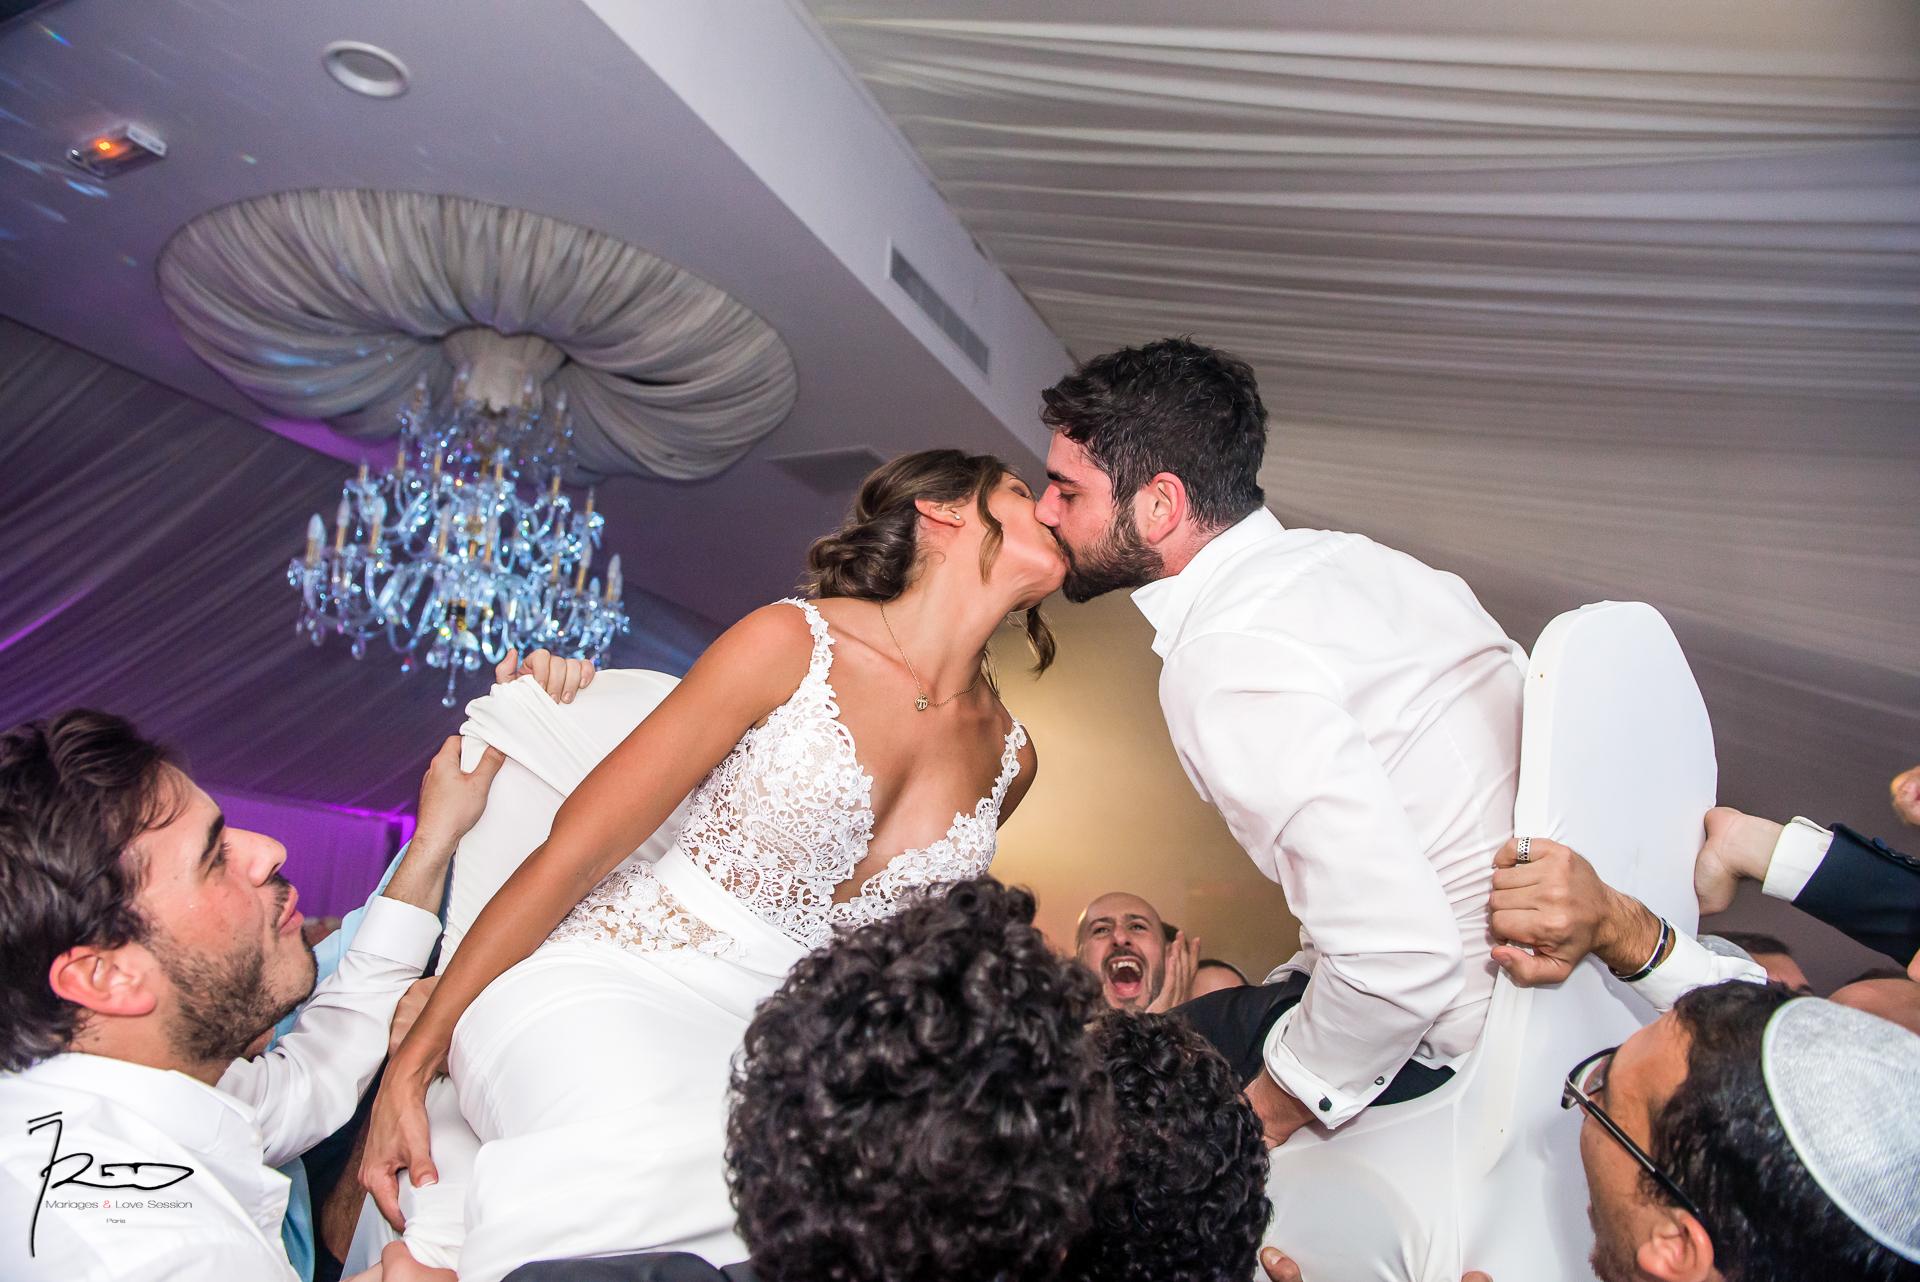 photographe mariage juif manoir des cygnes 133 photographe mariage paris - Photographe Mariage Juif